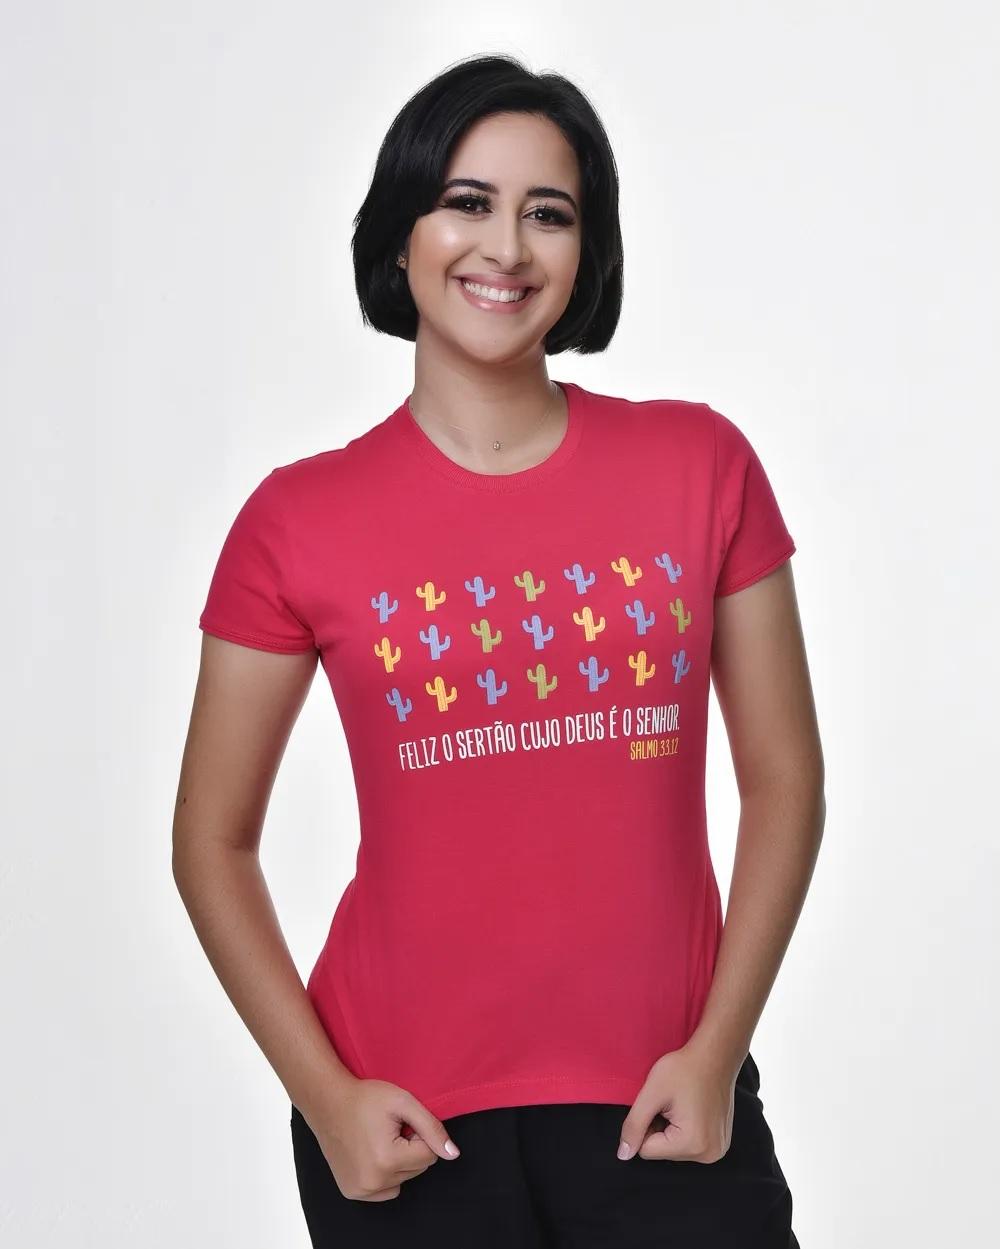 Camiseta Baby Look - Bendito Sertão 01 (Algodão)